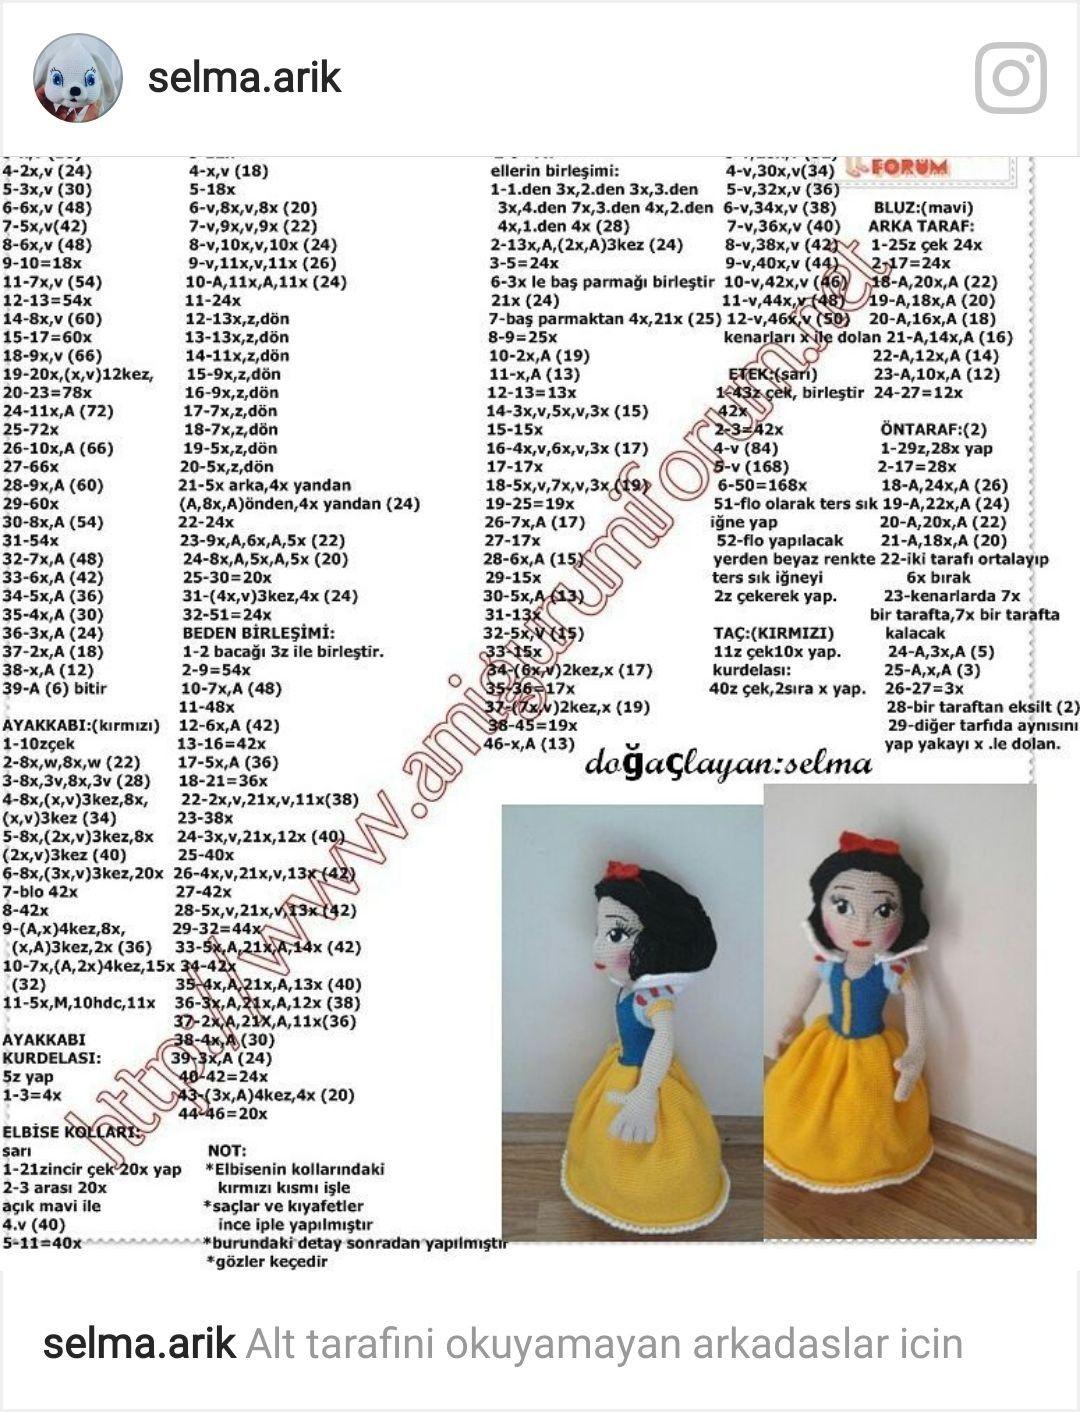 Pin de BANU en amigurumi | Pinterest | Muñecos en crochet, Amigurumi ...